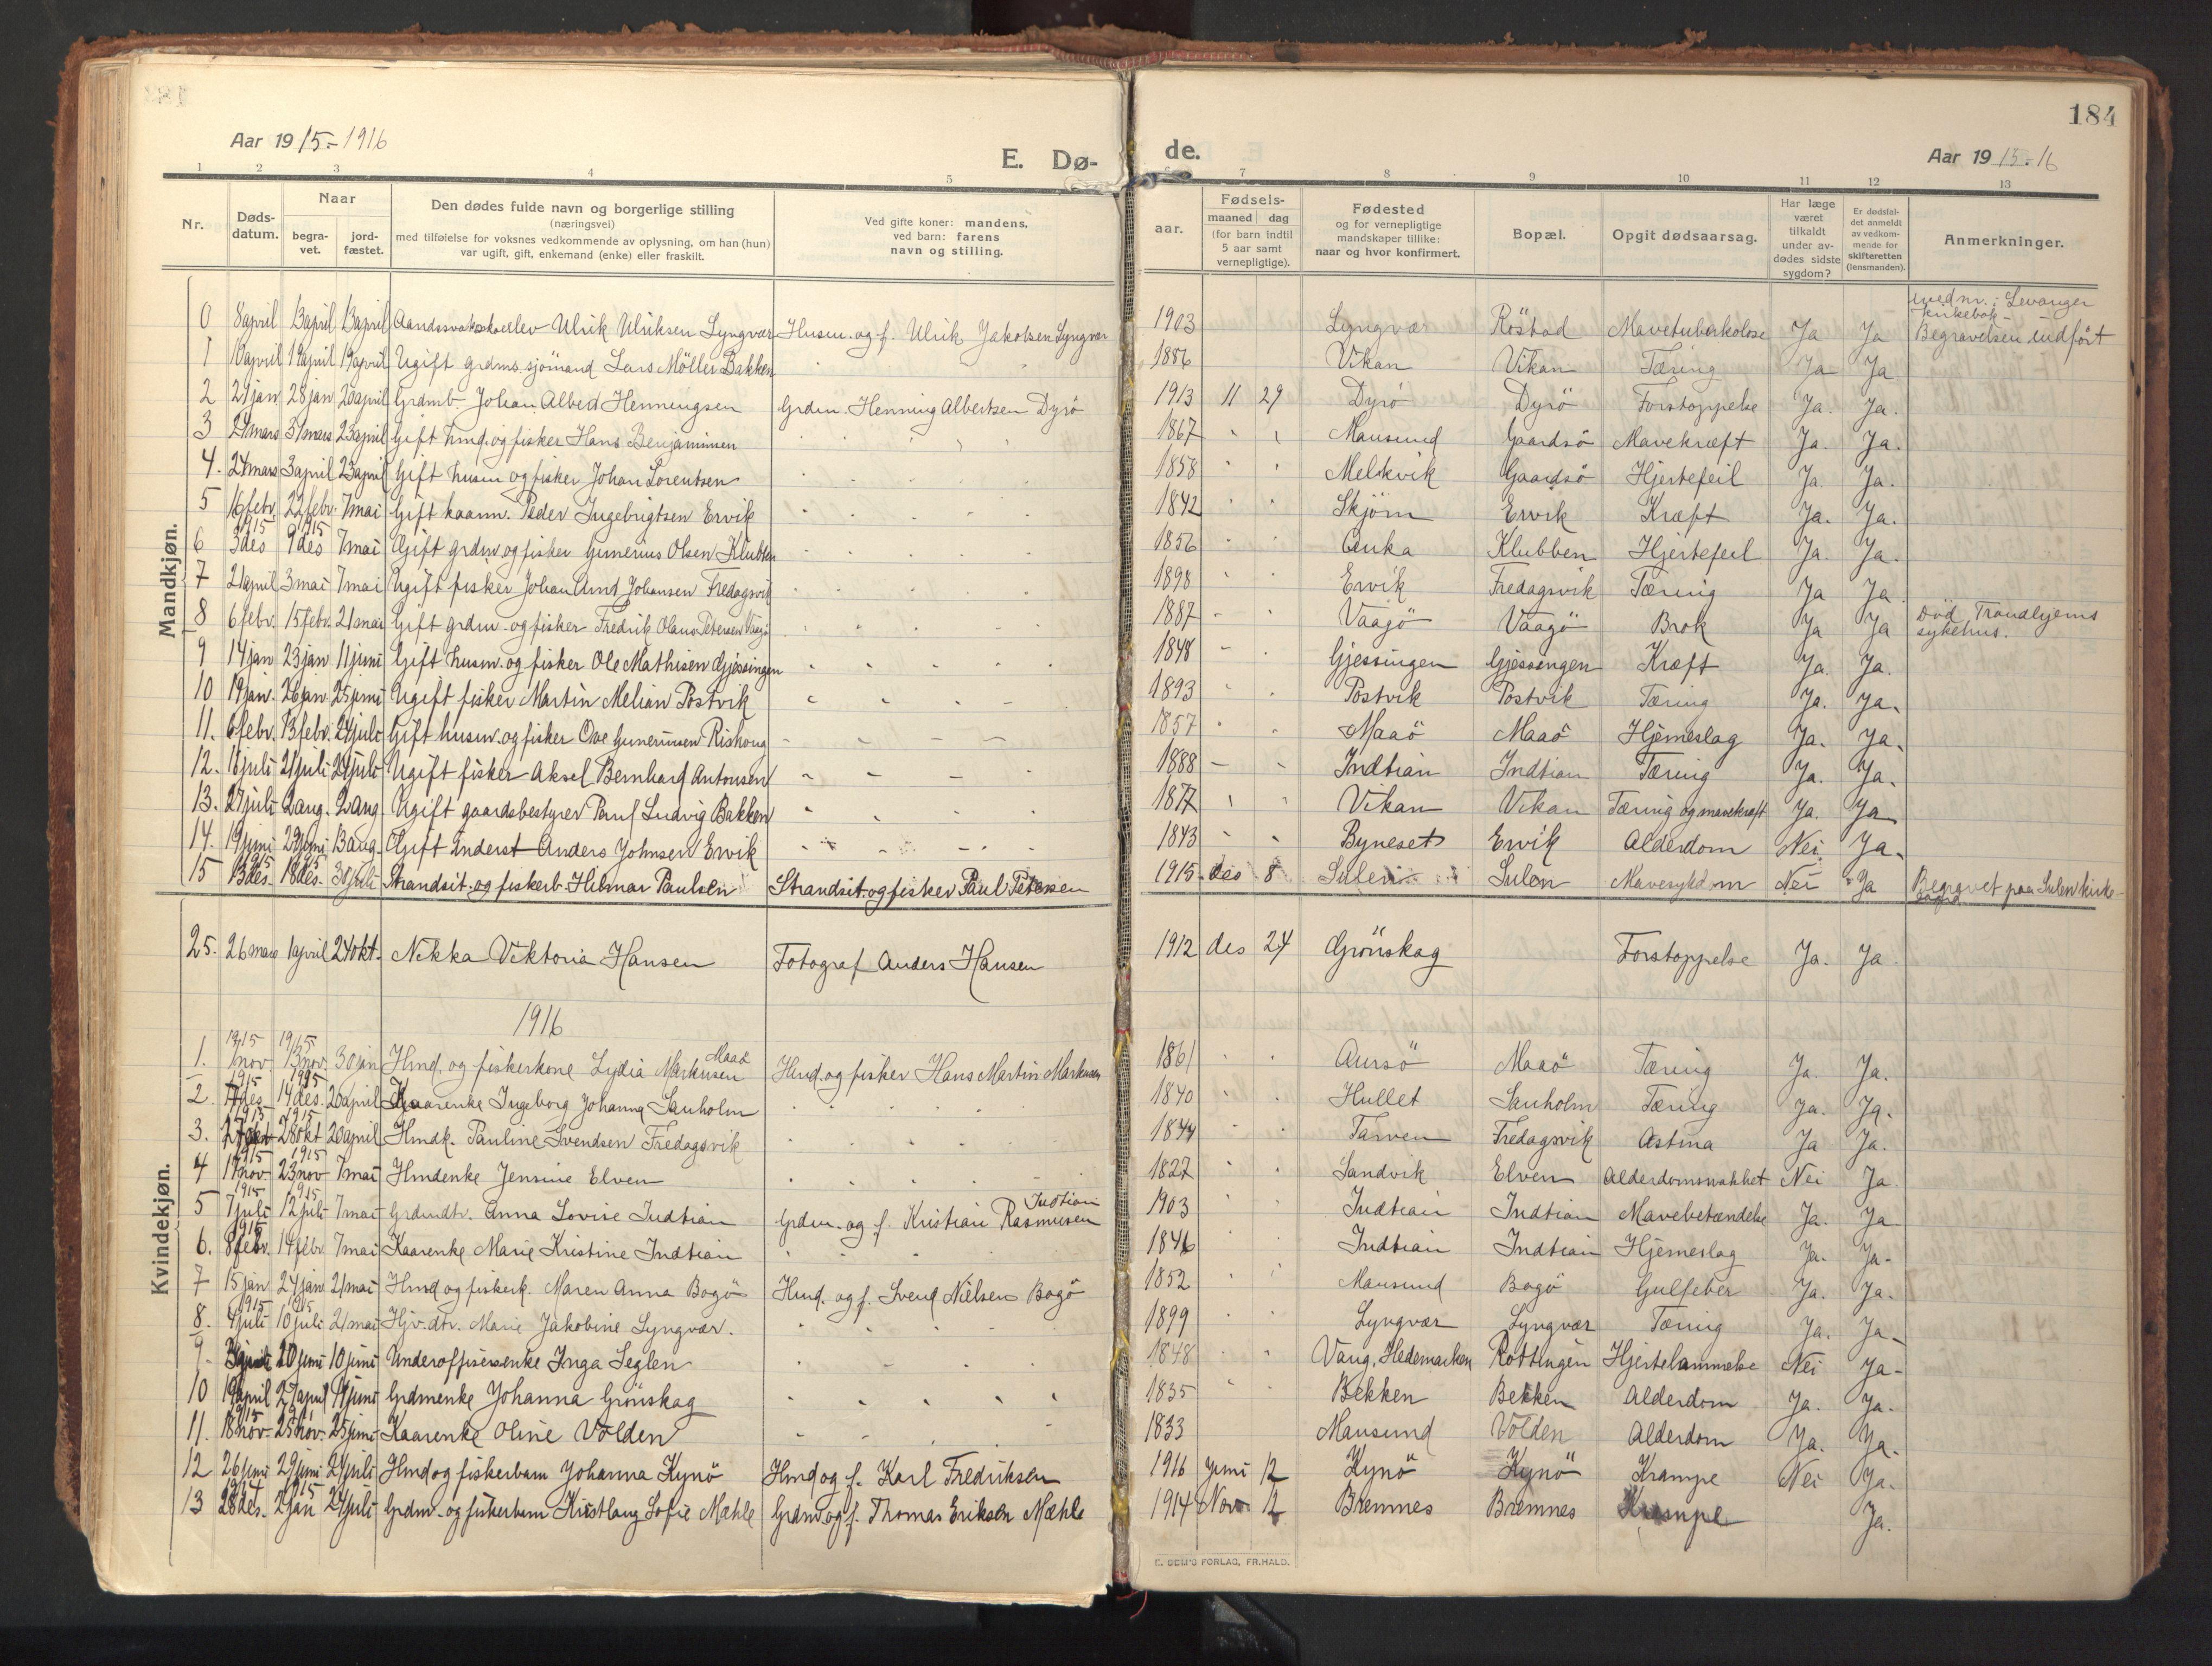 SAT, Ministerialprotokoller, klokkerbøker og fødselsregistre - Sør-Trøndelag, 640/L0581: Ministerialbok nr. 640A06, 1910-1924, s. 184